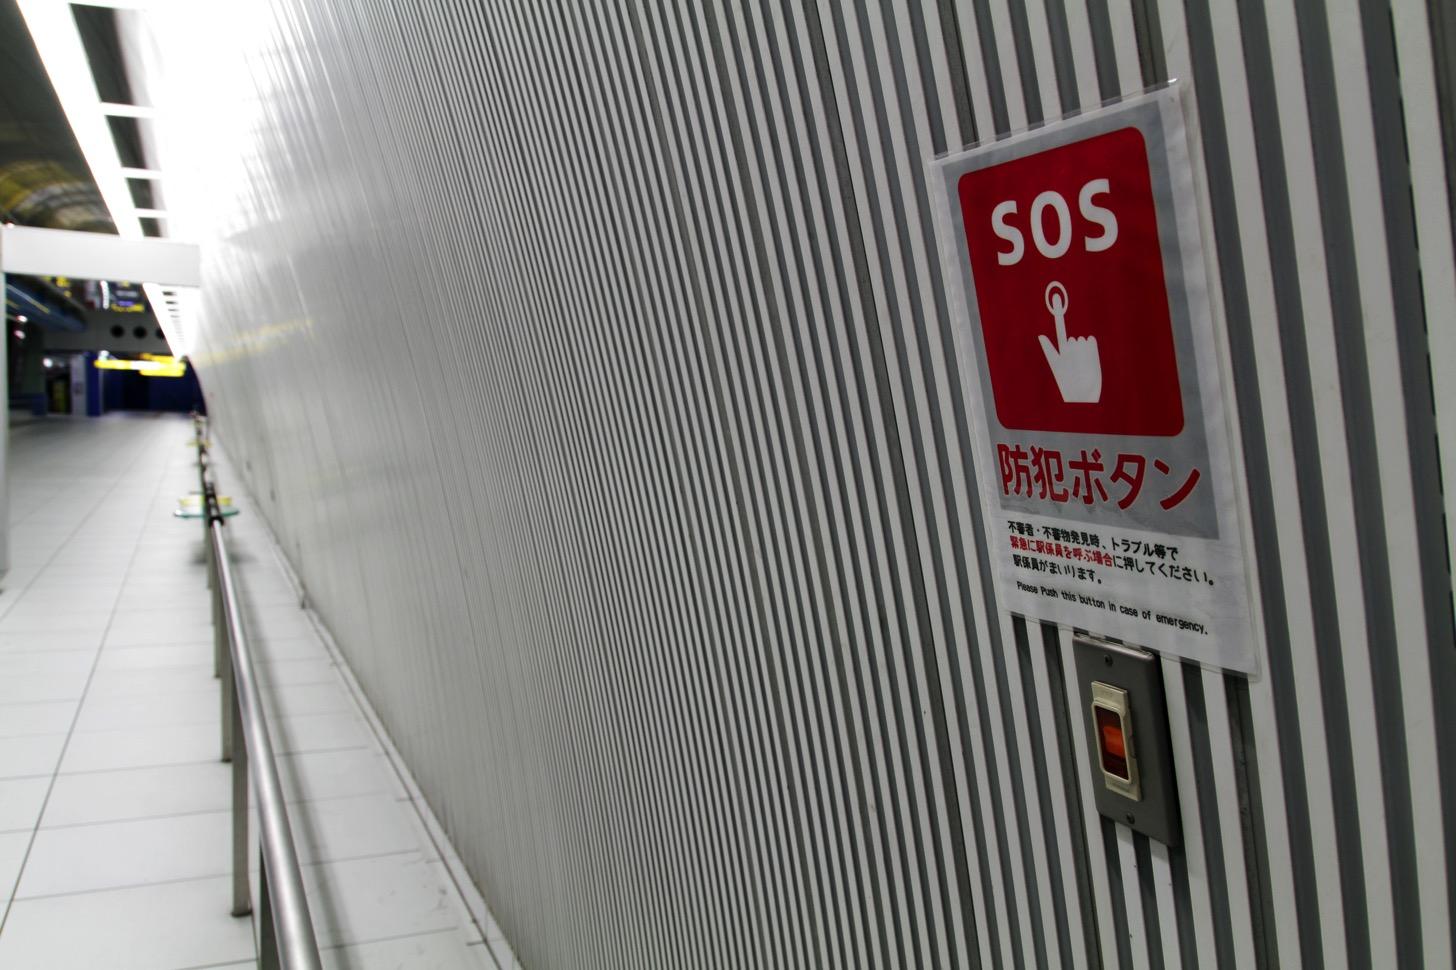 雑学】SOSってなんの略だろうと調べてみたら衝撃の事実。 – 和洋風KAI